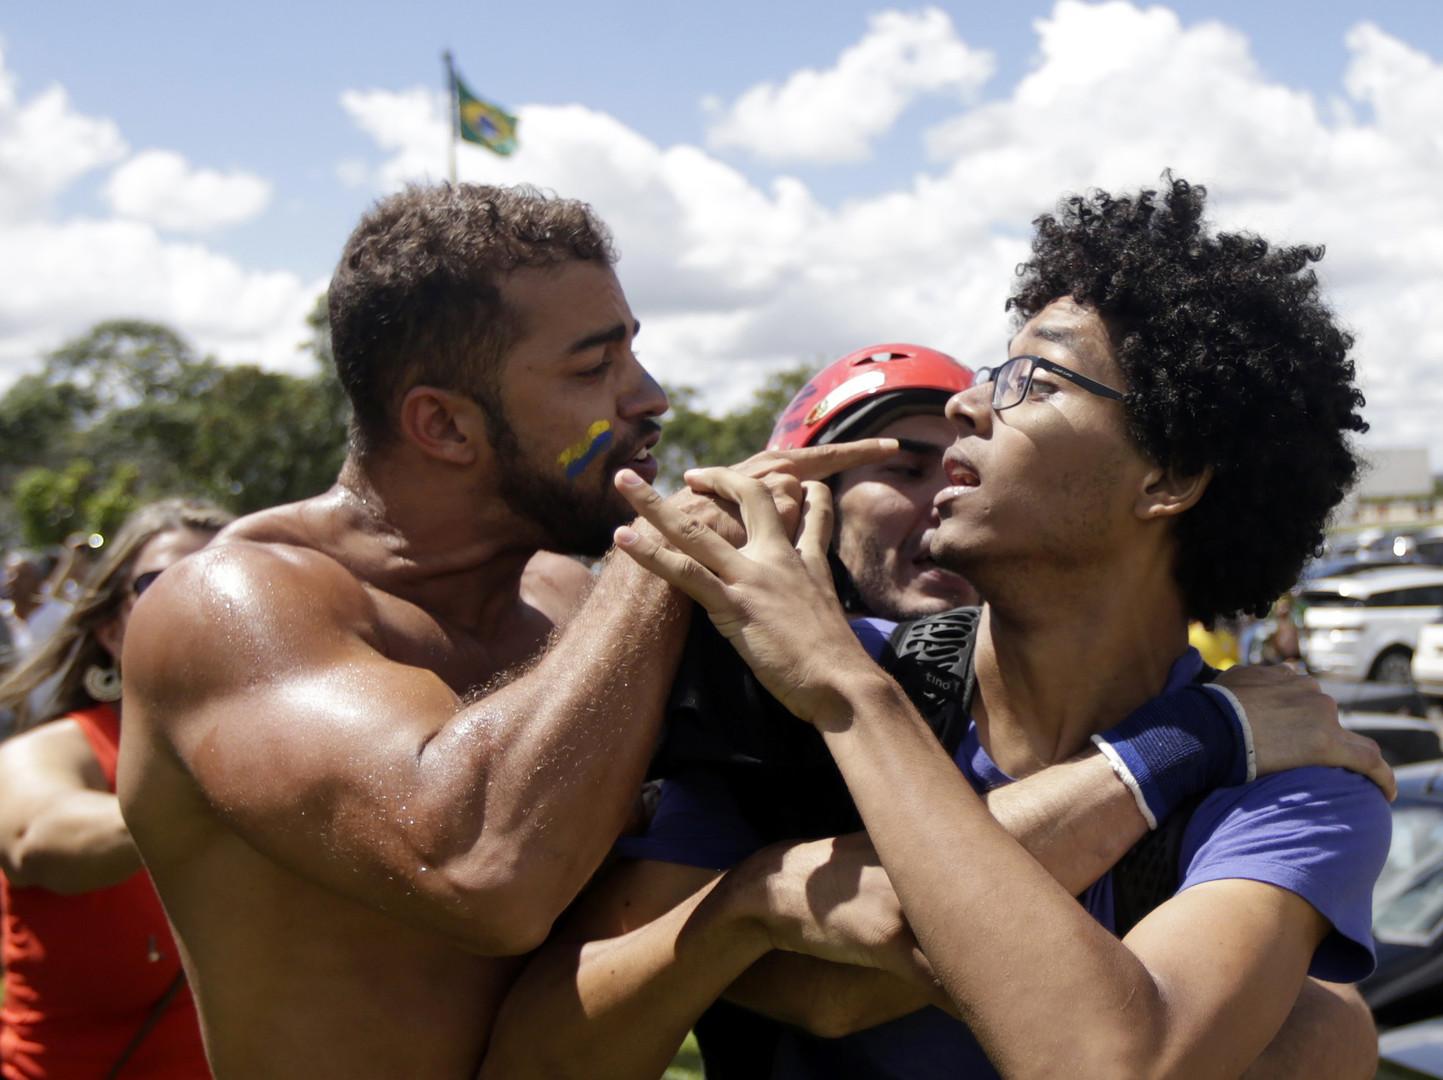 Brésil: le tribunal suprême suspend la nomination de Lula qui manifeste dans la rue (PHOTOS, VIDEOS)